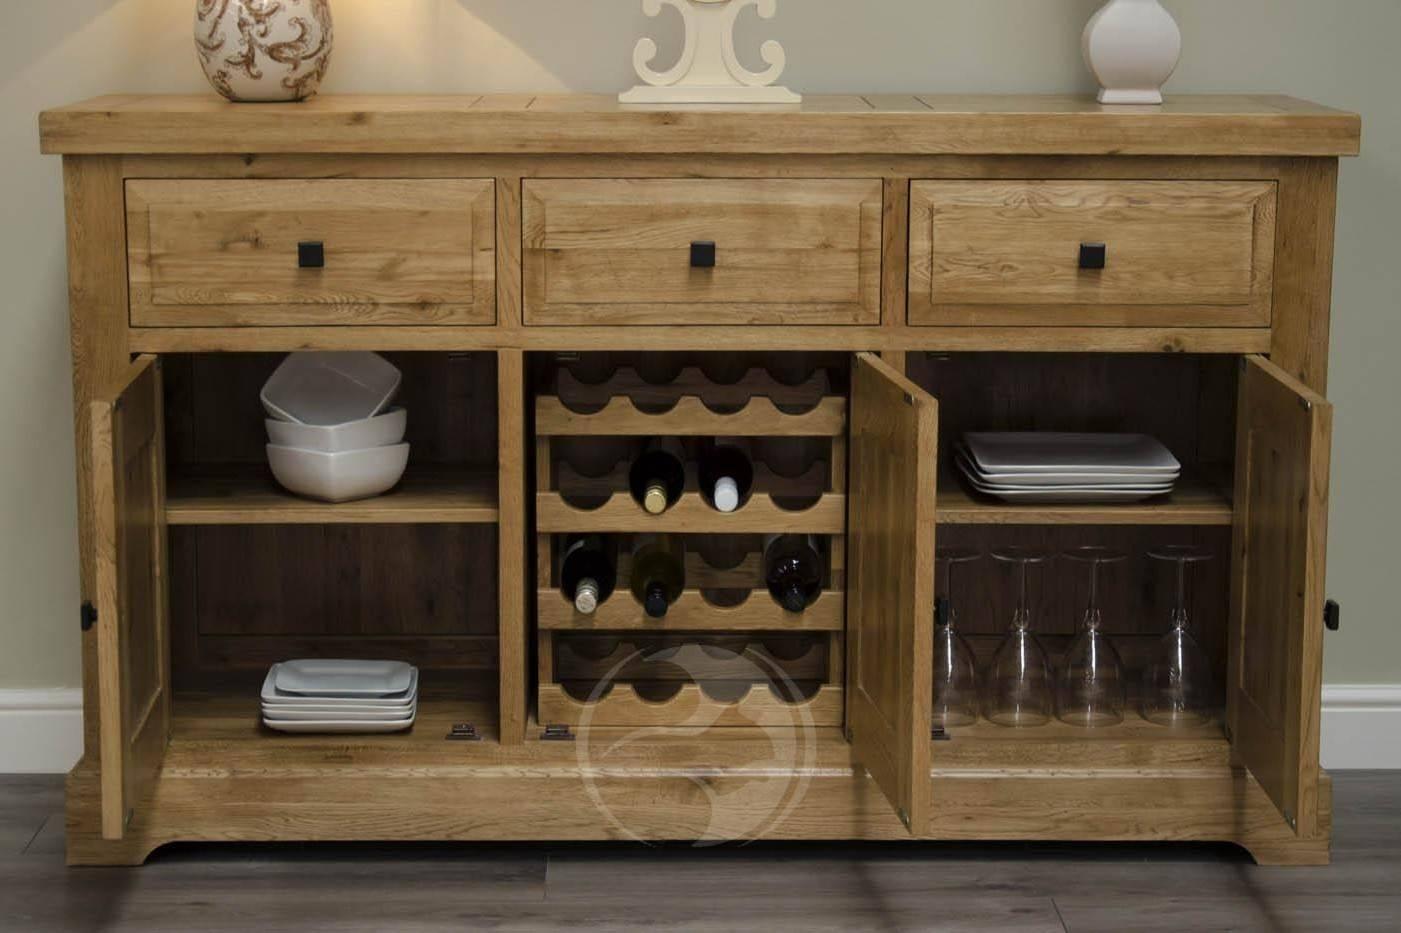 Coniston Rustic Solid Oak Large Sideboard | Oak Furniture Uk for Rustic Oak Large Sideboards (Image 2 of 15)